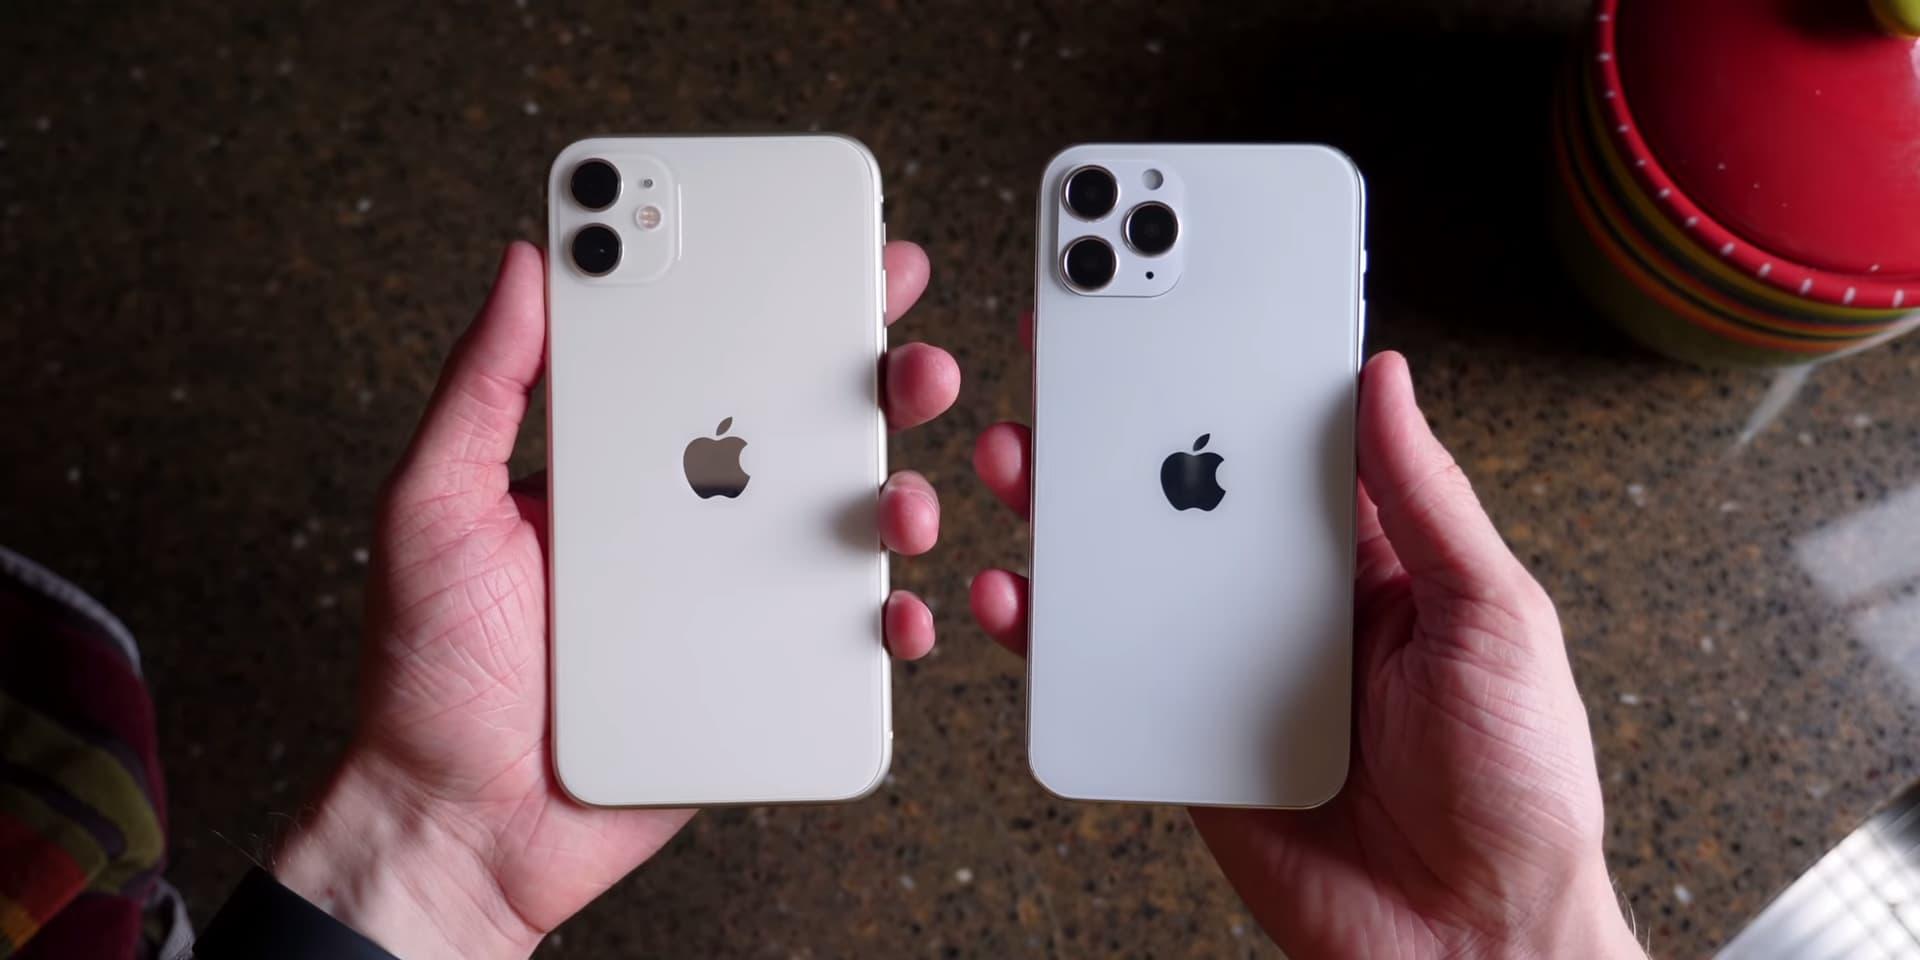 蘋果 iPhone 12 實機模型再度曝光,三款尺寸外觀近距離搶先看1